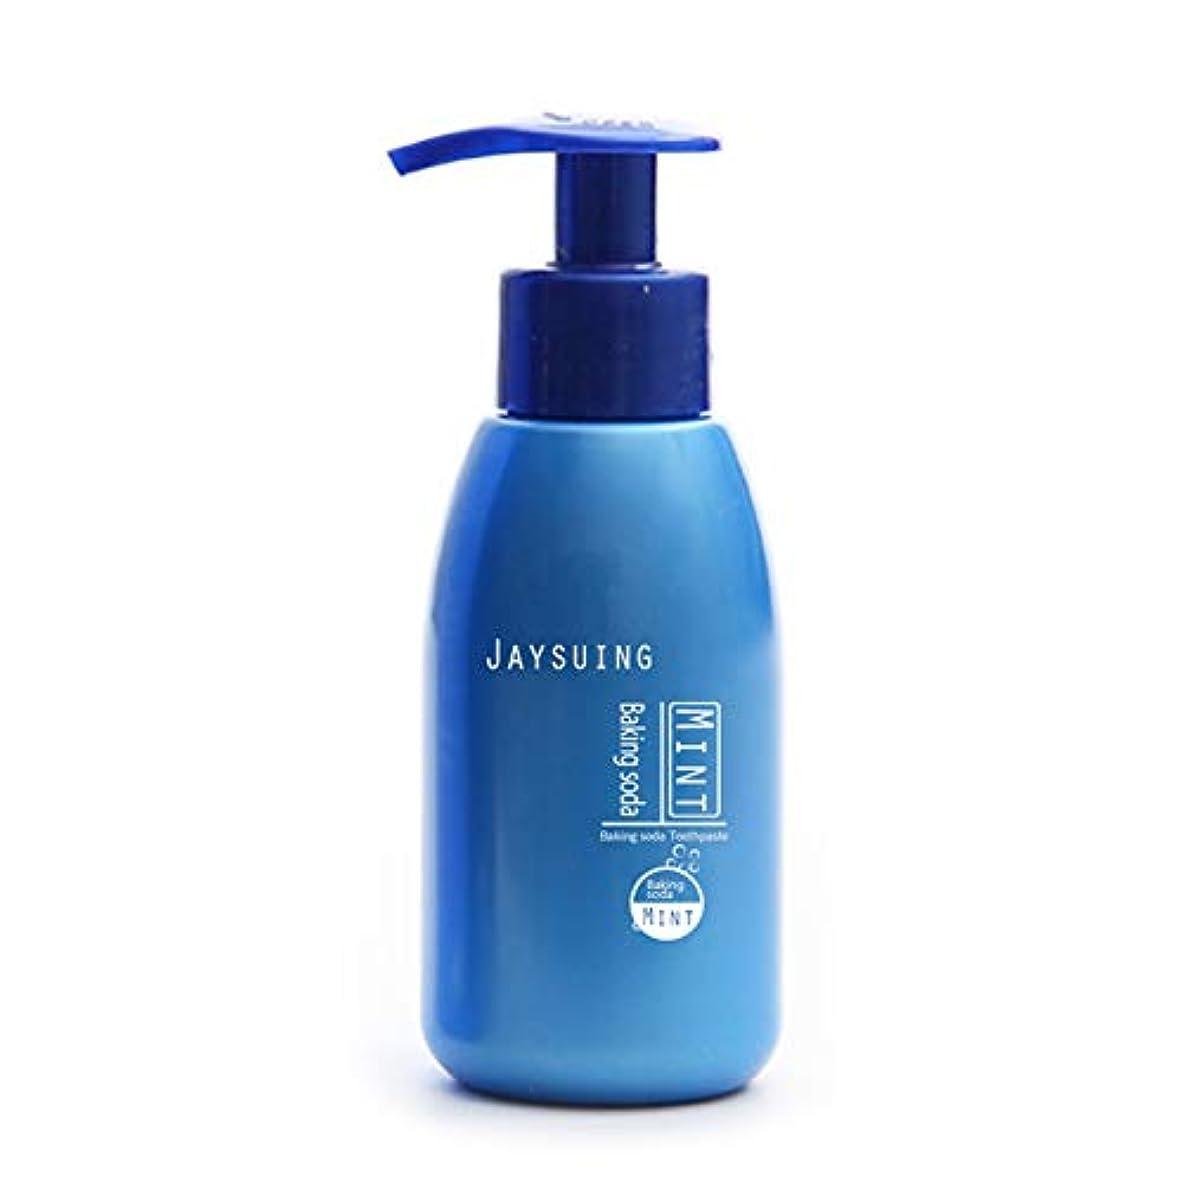 予言する正午ホテルJuSop歯磨き粉アンチブリードガムプレスタイプ新鮮な歯磨き粉を白くする汚れ除去剤